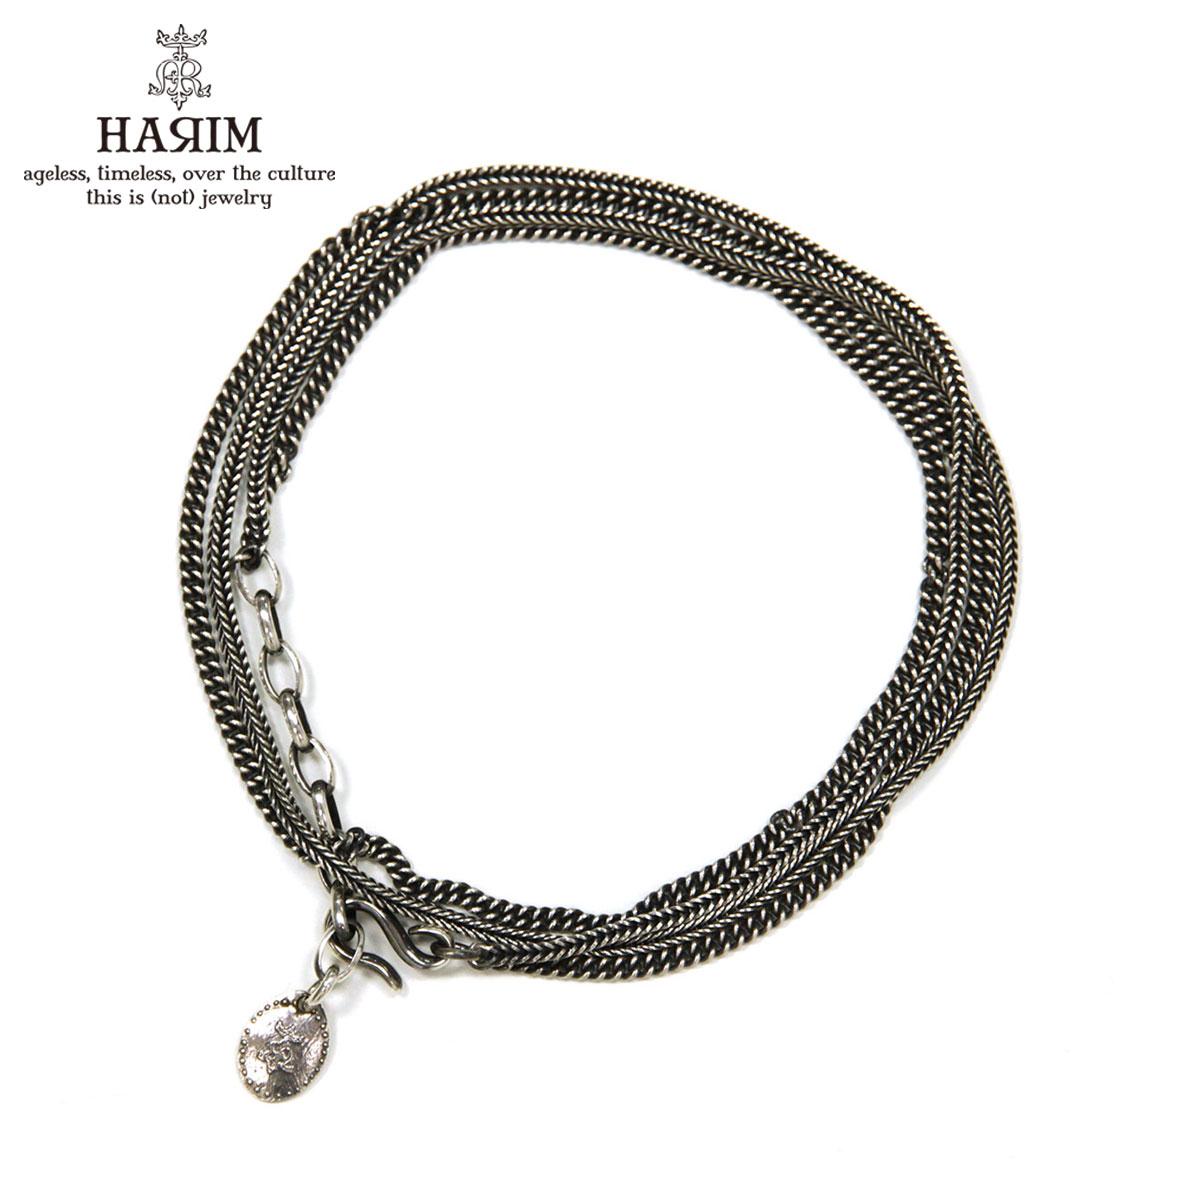 ハリム HARIM ネックレスチェーン ブレスレット HARIM DOUBLE HERRINGBONE CHAINS NECKLACE/BRACELET HRC012 SILVER 925 OXIDIZED BLACK